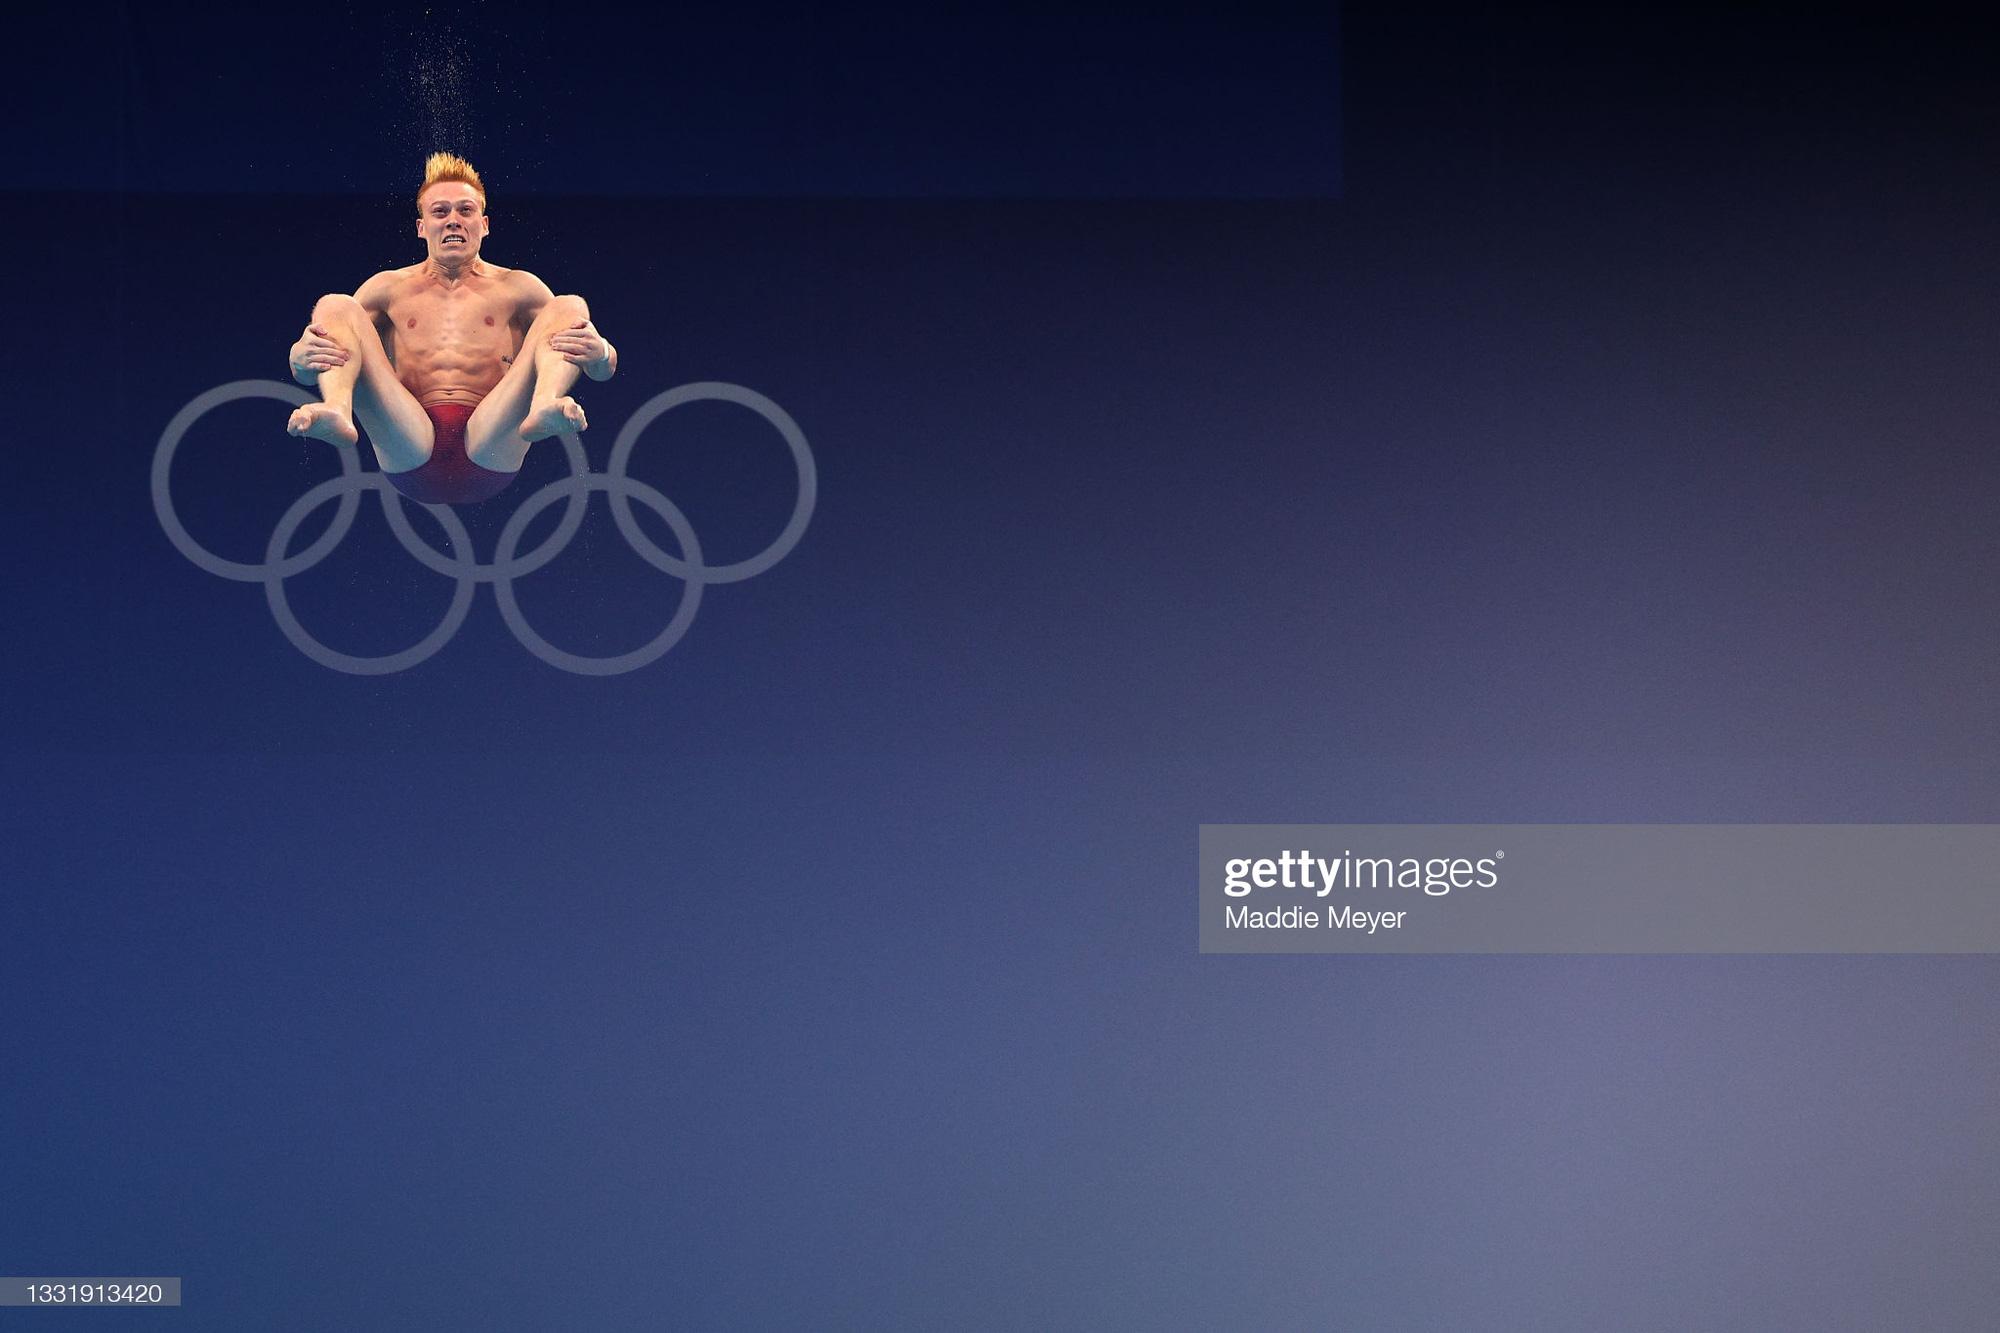 Những góc ảnh đẹp ngỡ ngàng ở Olympic Tokyo 2020 - Ảnh 2.